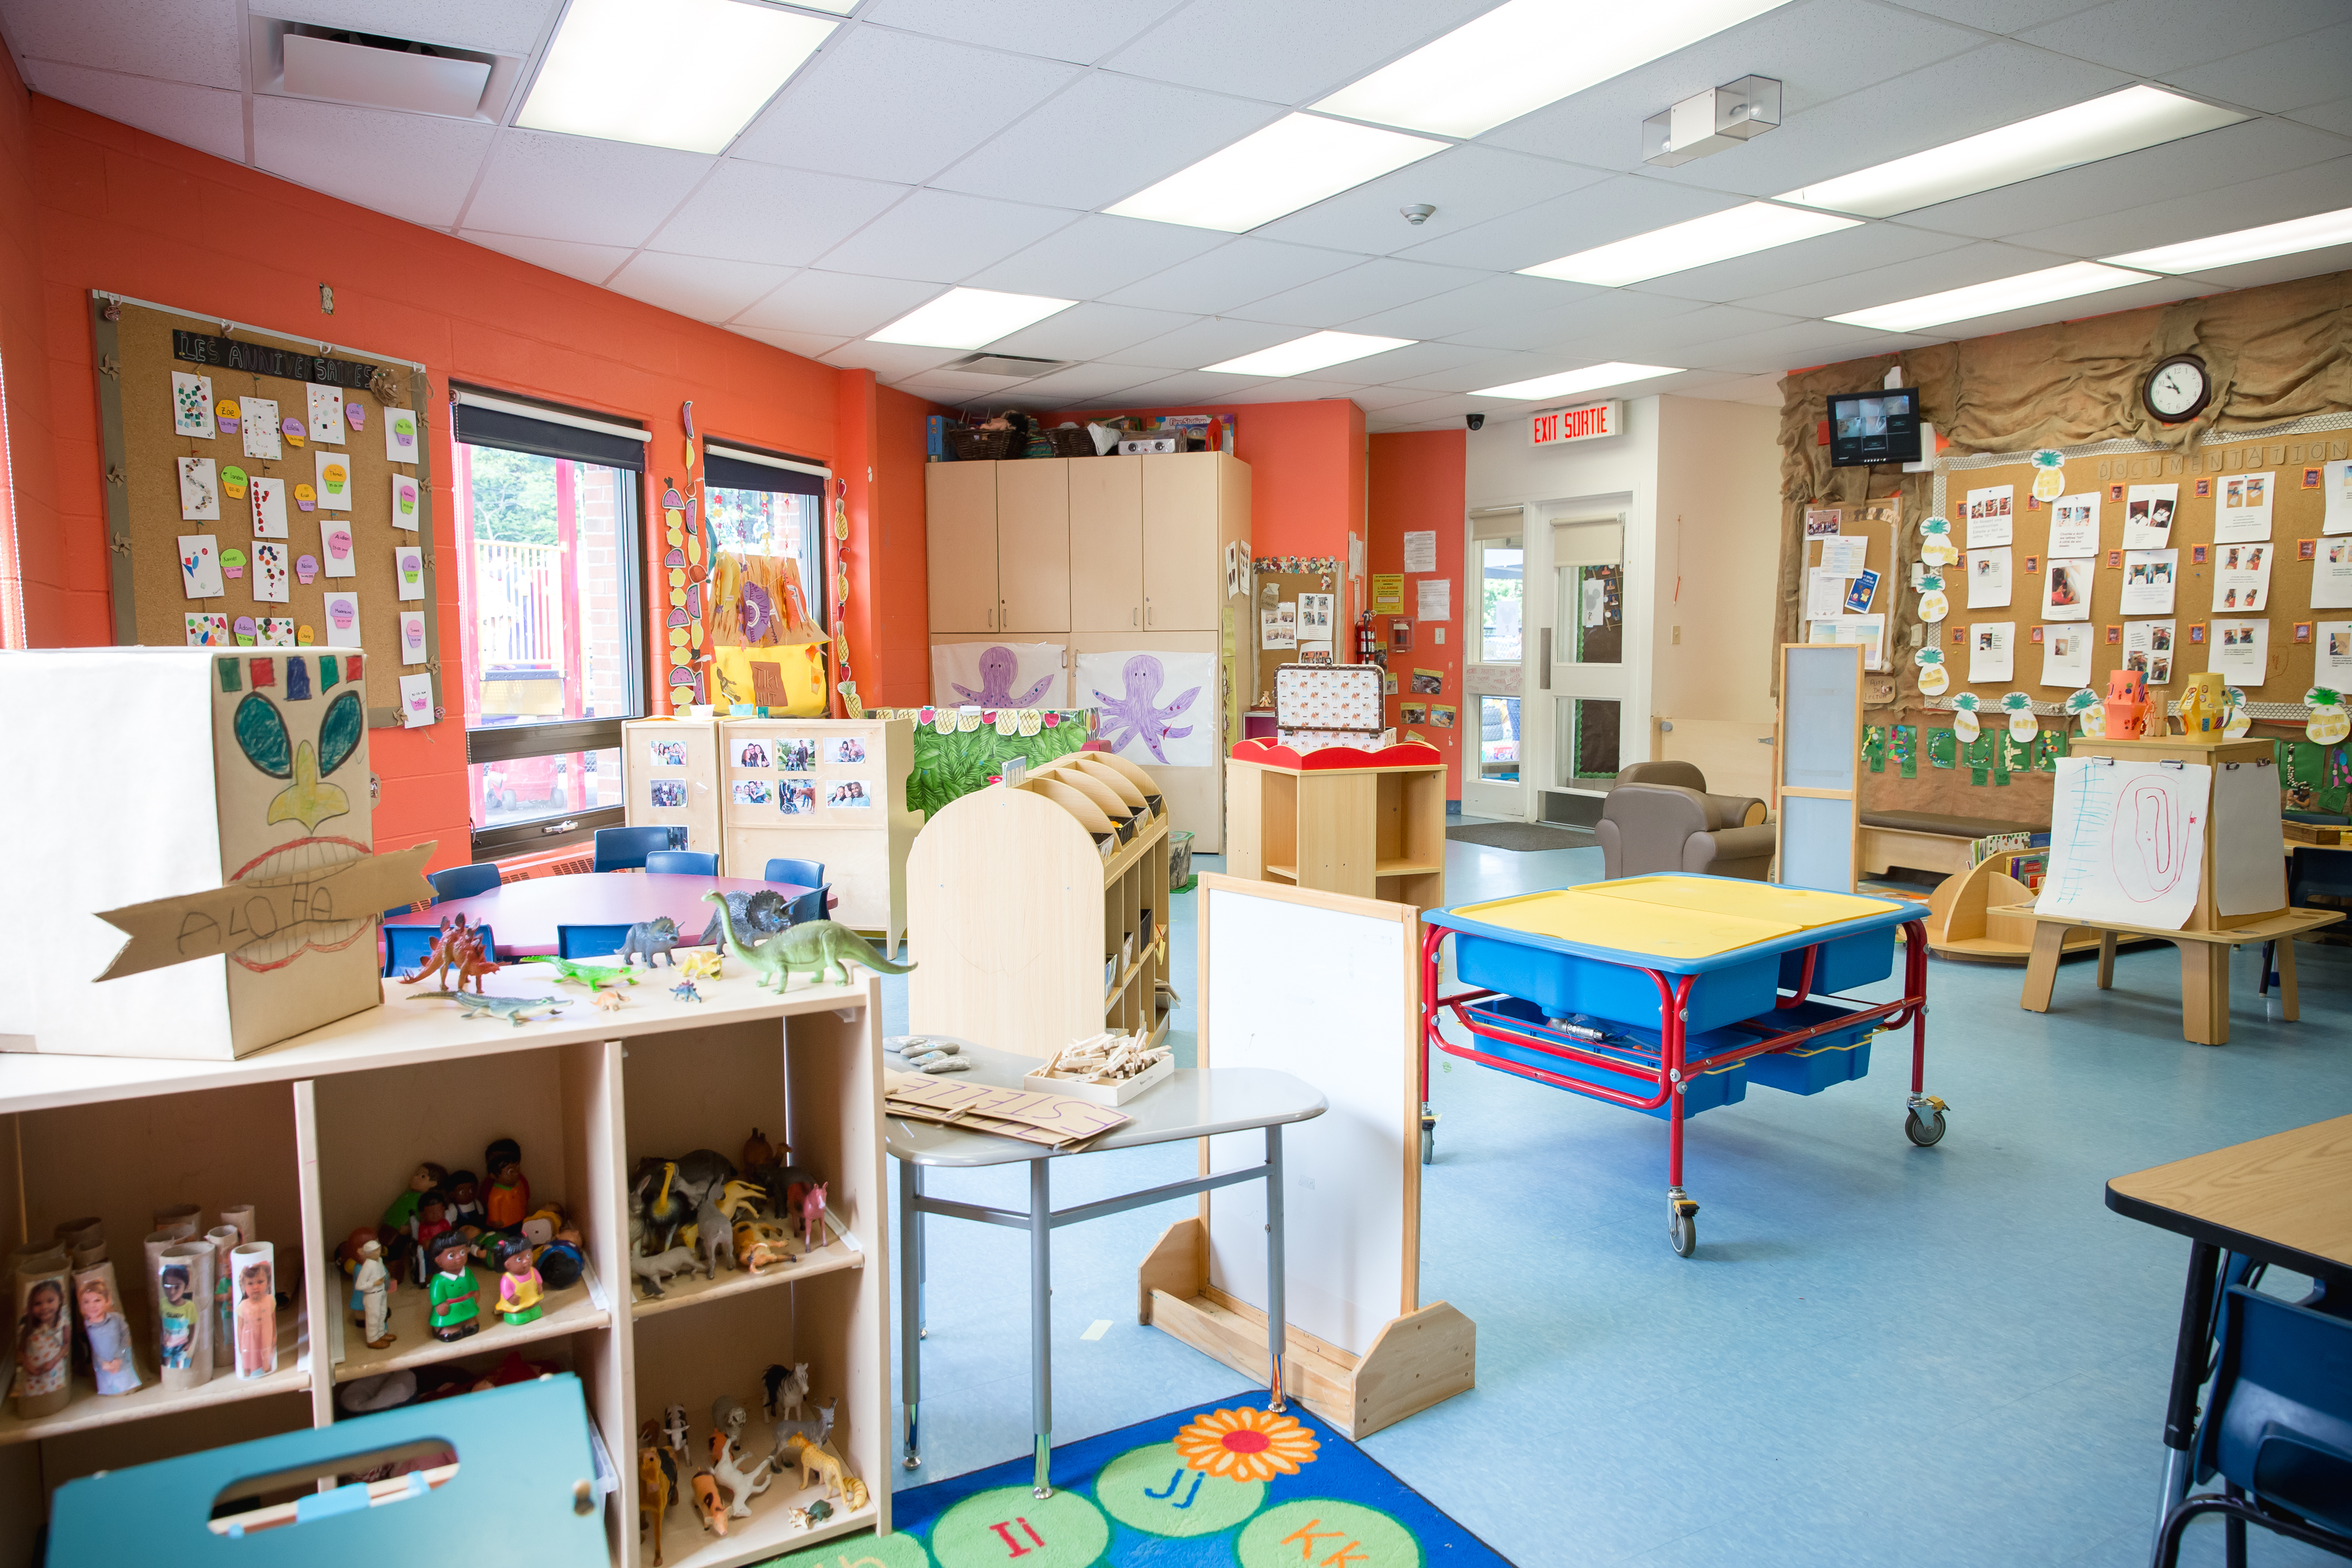 Salle de classe - Préscolaires